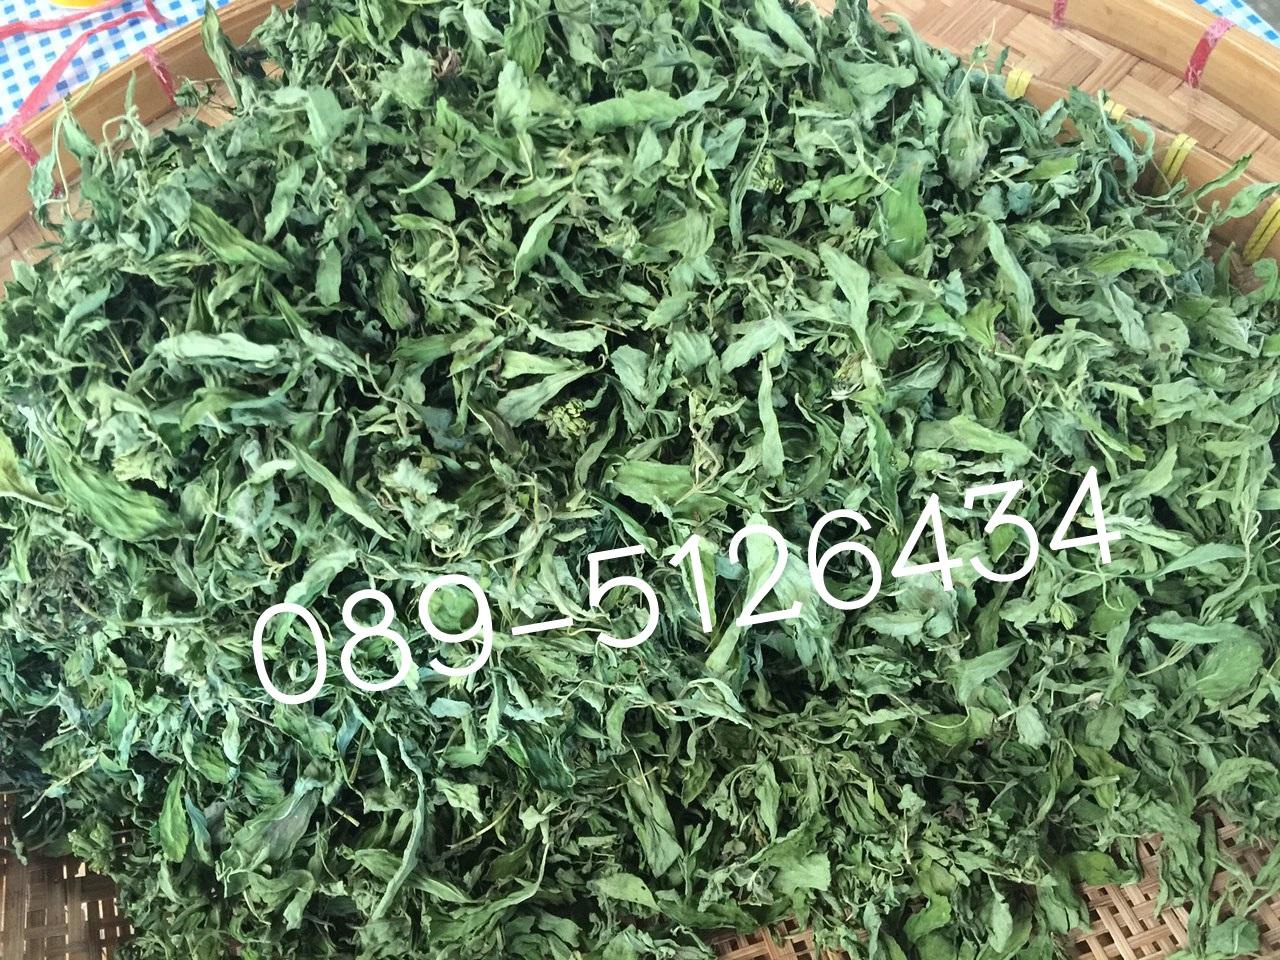 ขายส่ง/ปลีก หญ้าหวานอบแห้ง 100% (กิโล)